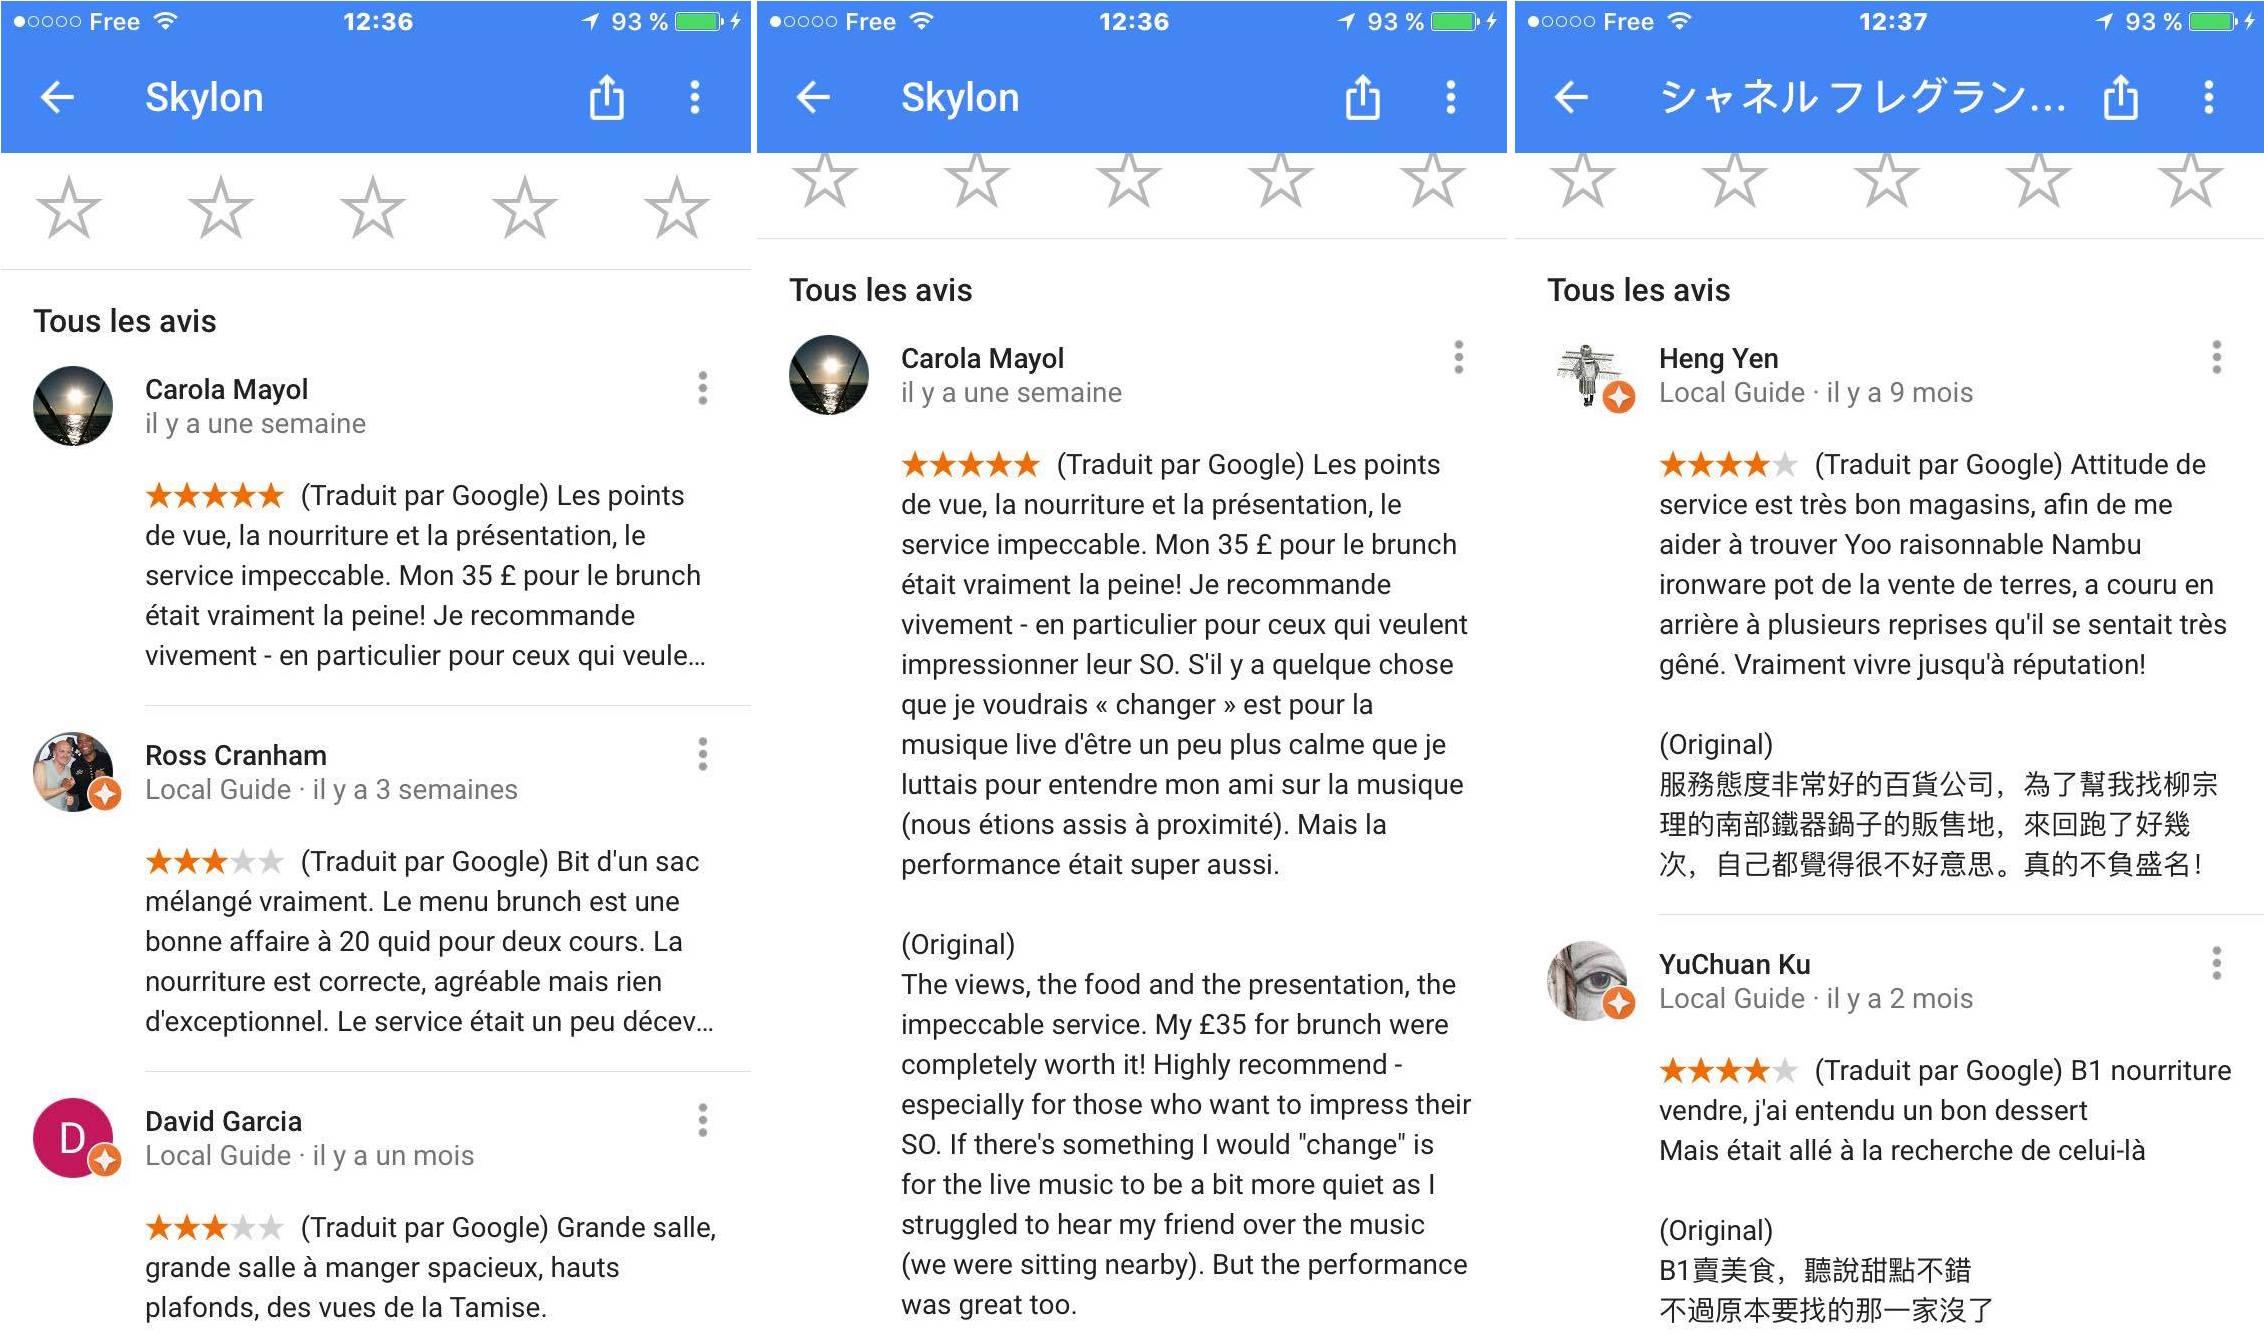 google traduit les avis sur les restaurants et les h tels dans votre langue tech numerama. Black Bedroom Furniture Sets. Home Design Ideas